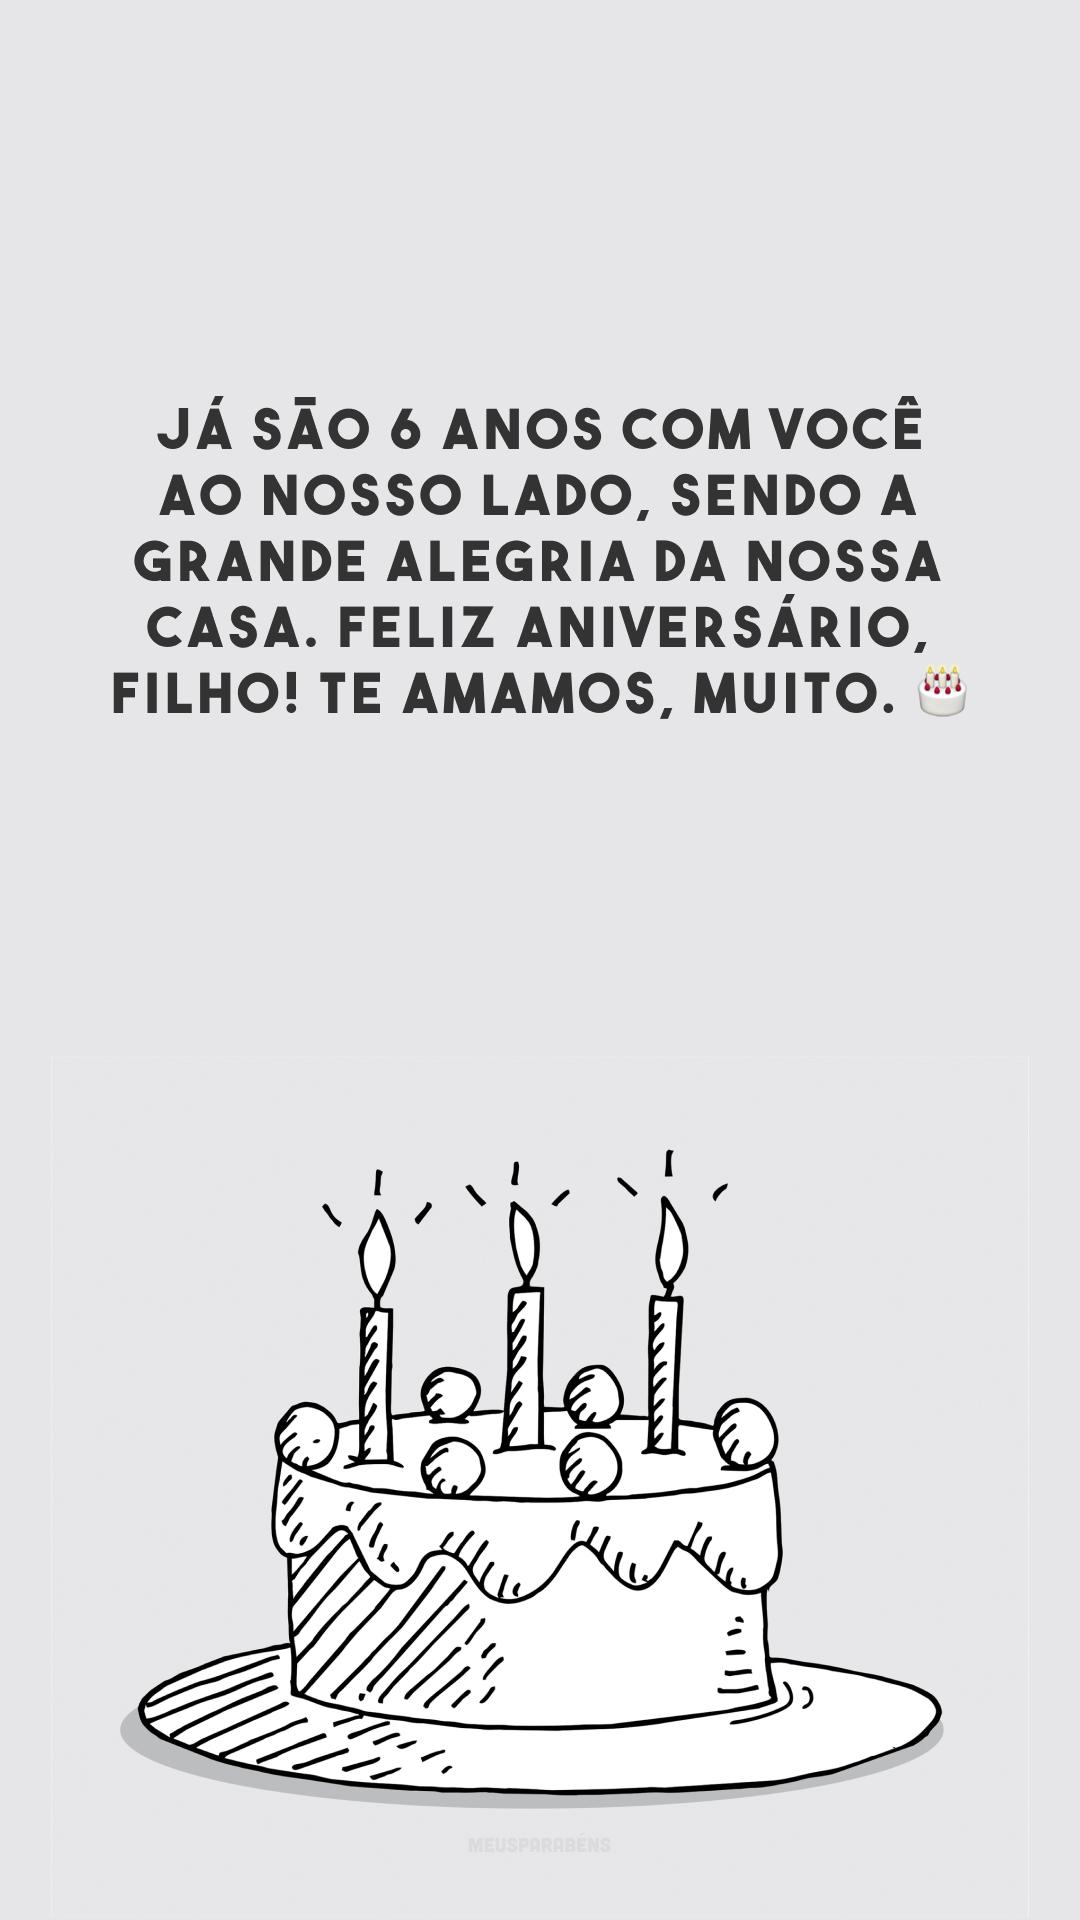 Já são 6 anos com você ao nosso lado, sendo a grande alegria da nossa casa. Feliz aniversário, filho! Te amamos, muito. 🎂